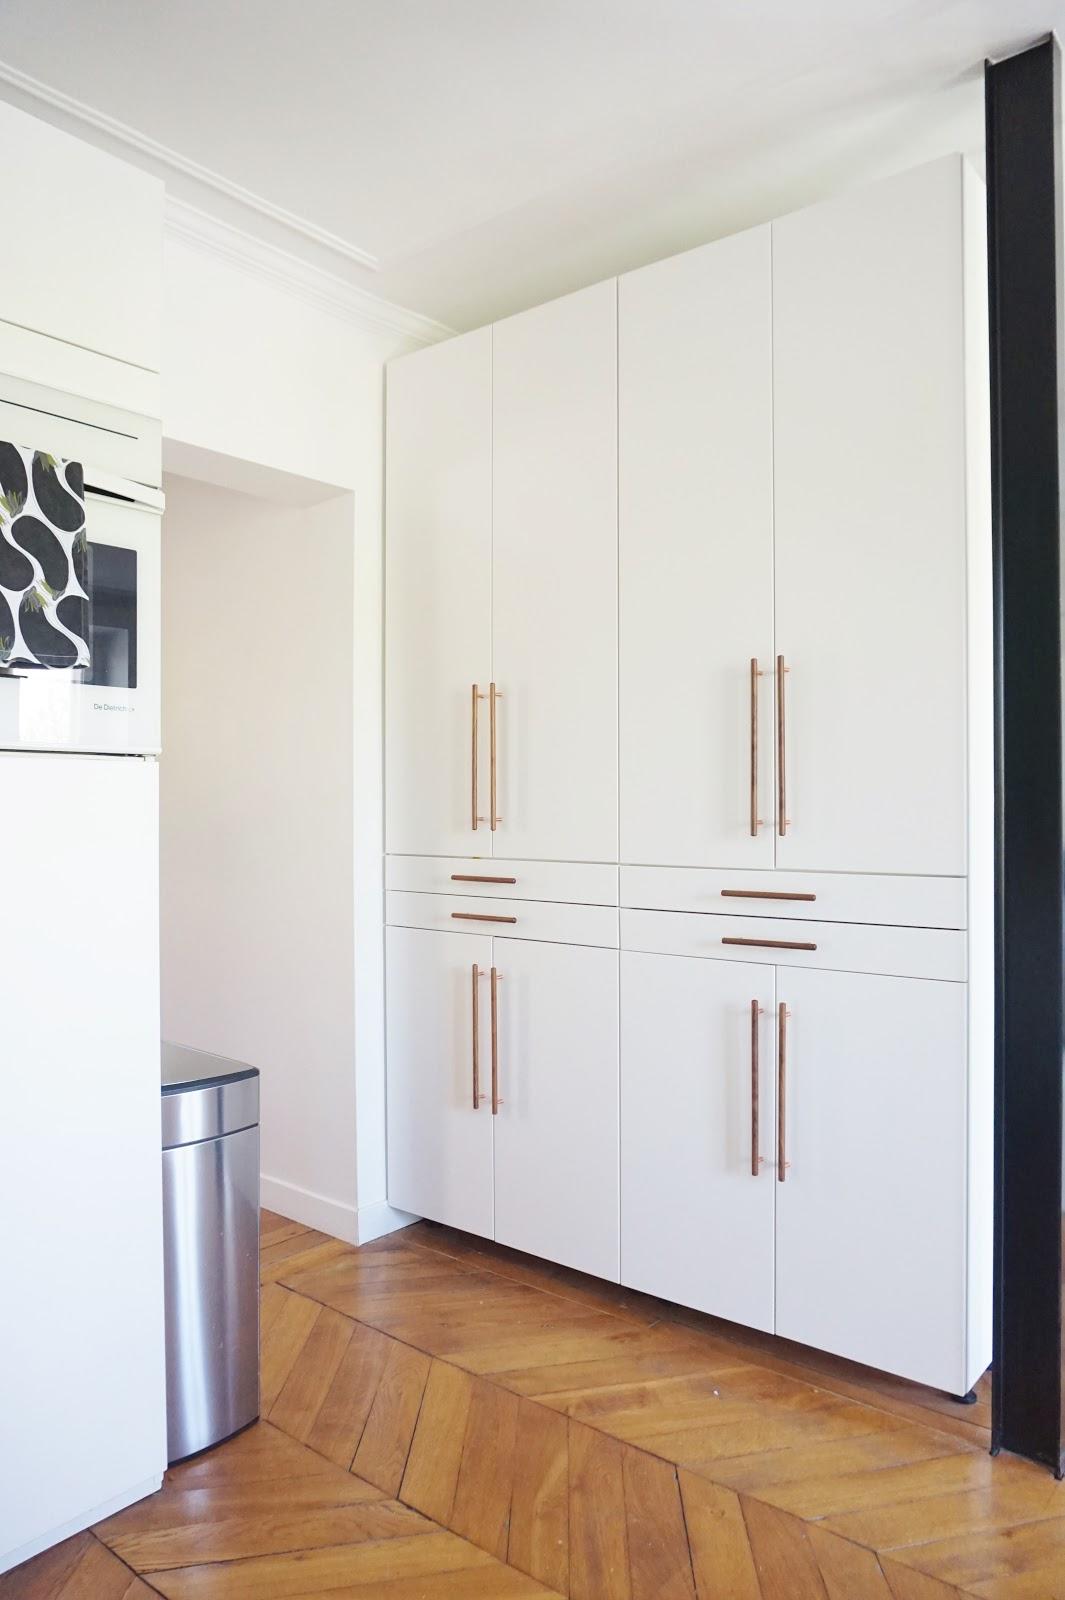 Adc L Atelier D A Cote Amenagement Interieur Design D Espace Et